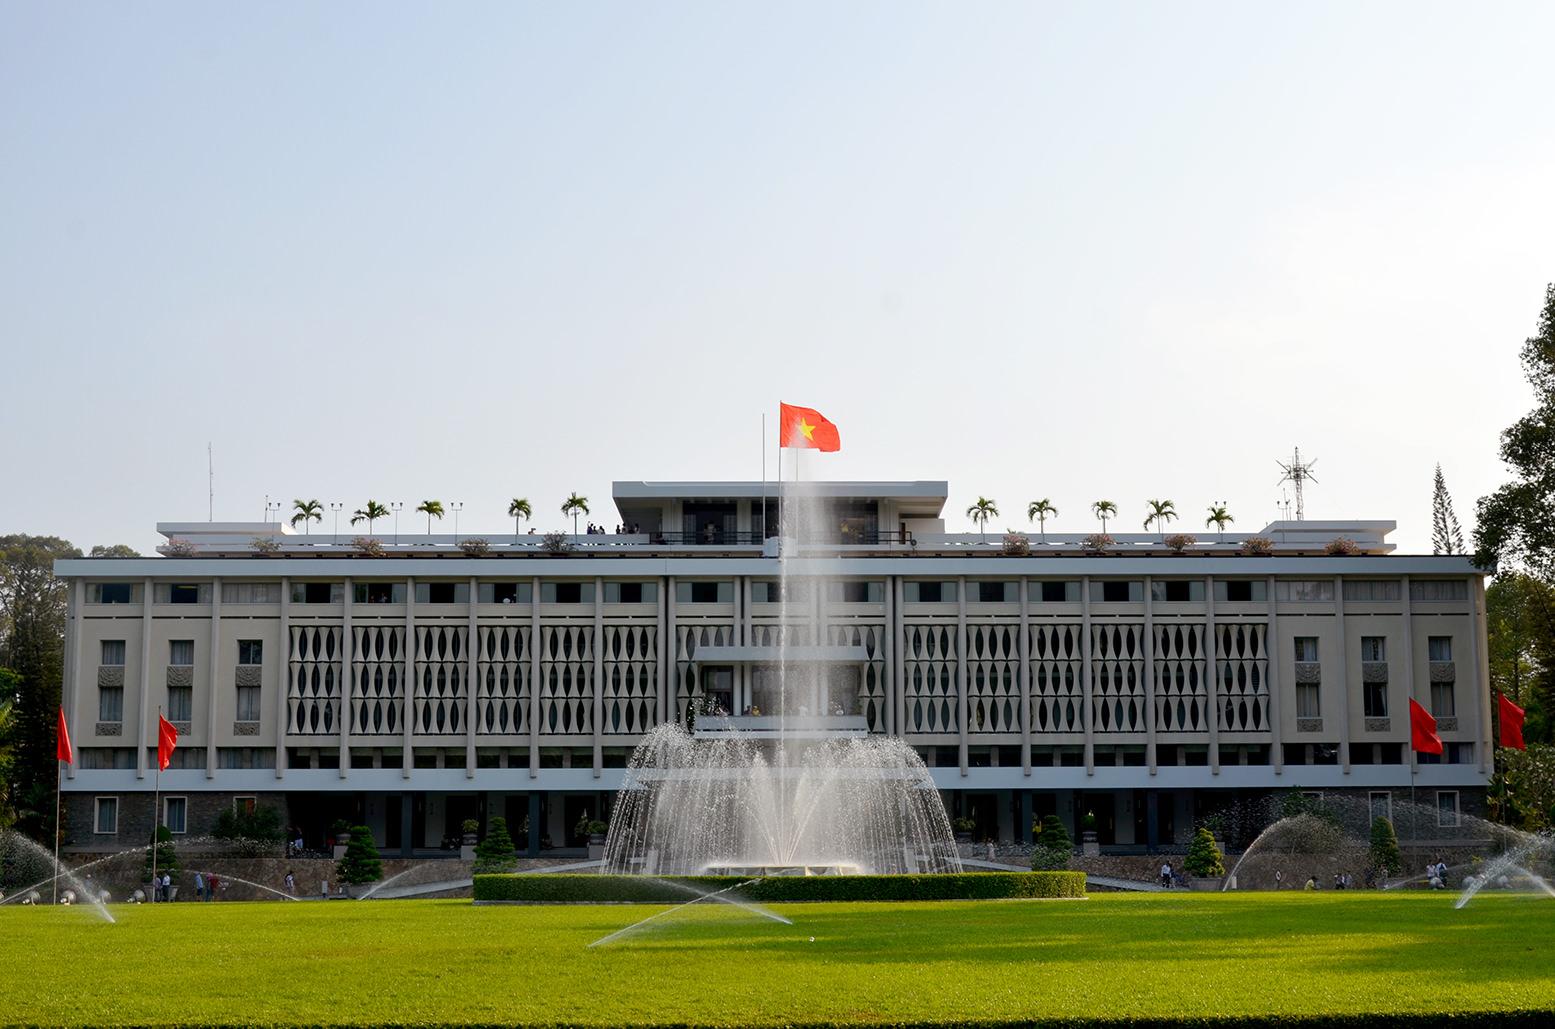 Дворец Независимости или Воссоединения Вьетнама, Хошимин